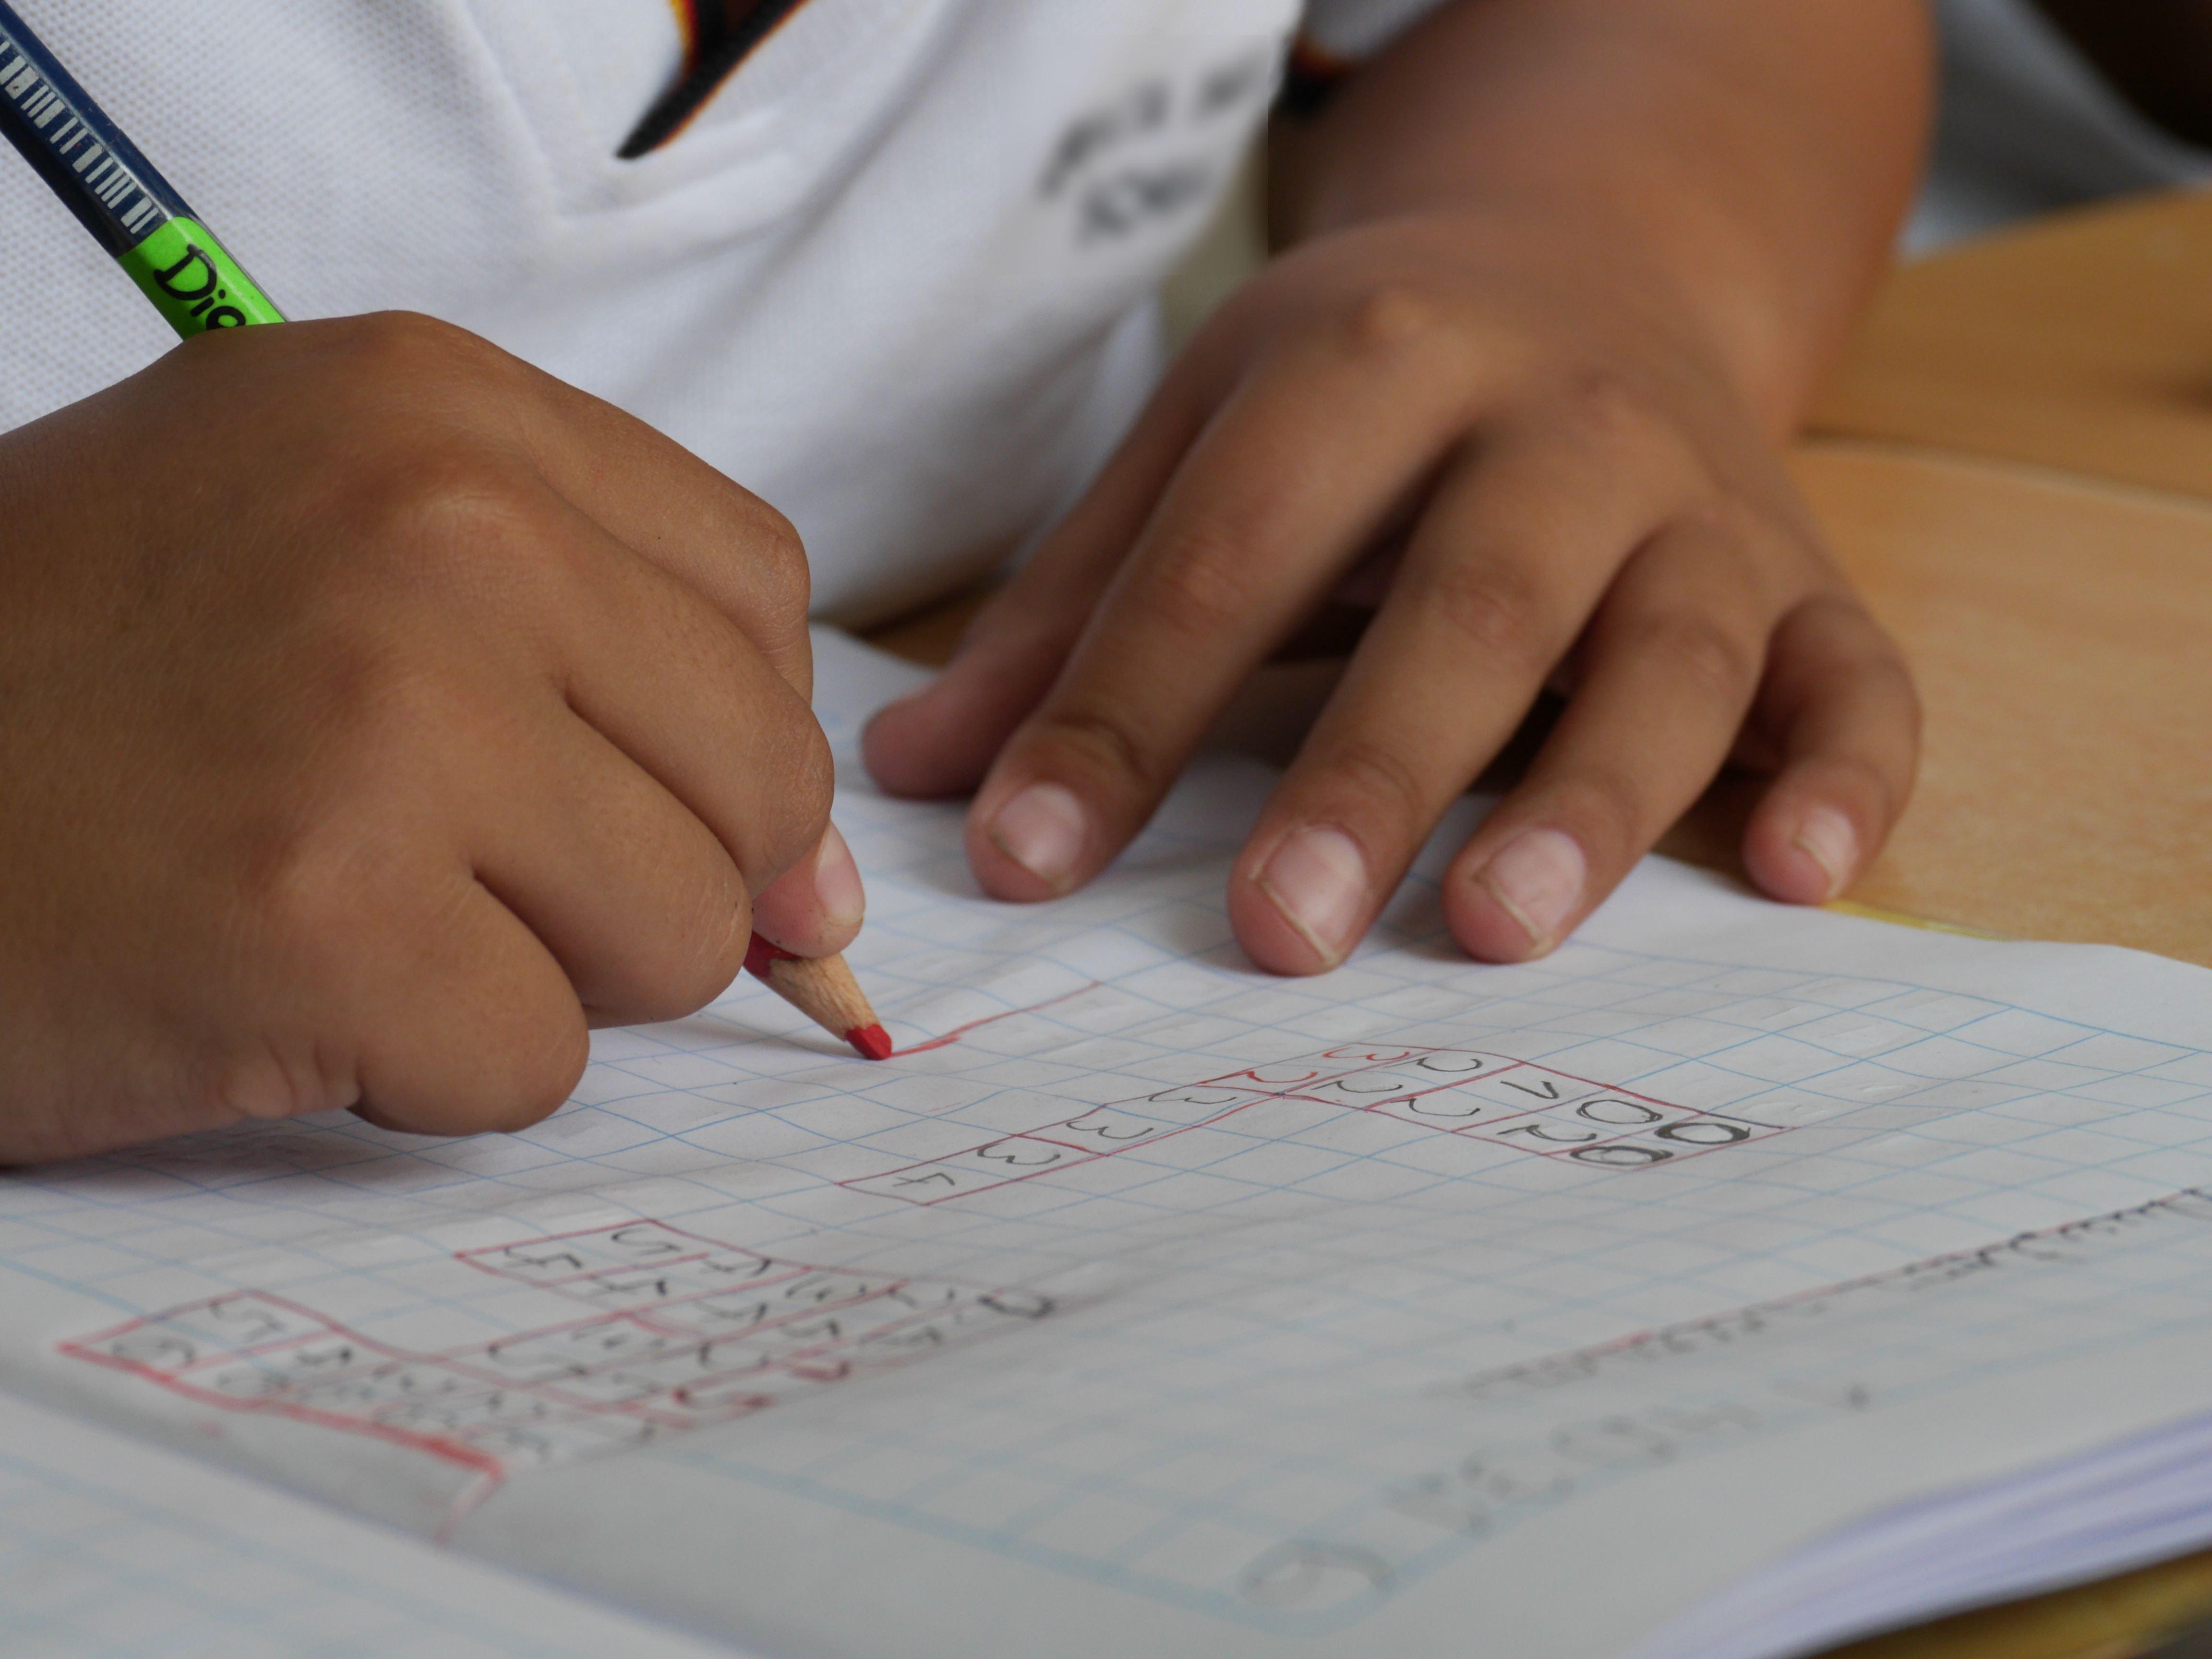 Examination Image